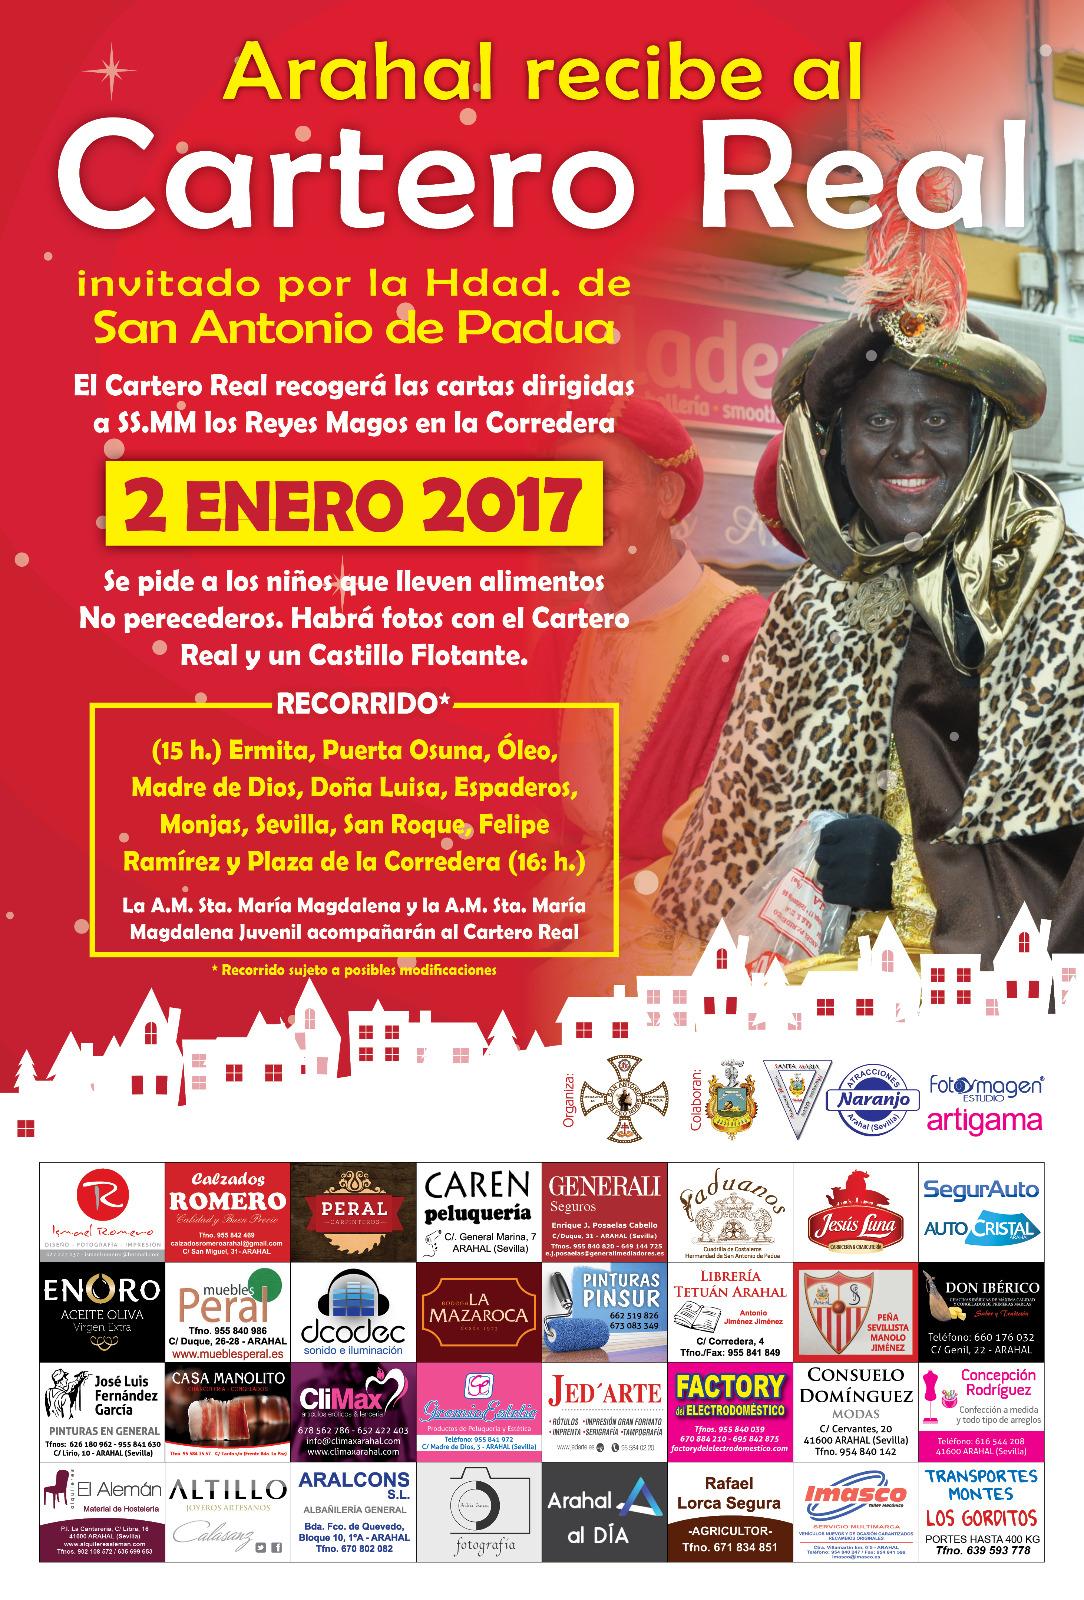 Cartero Real 2017